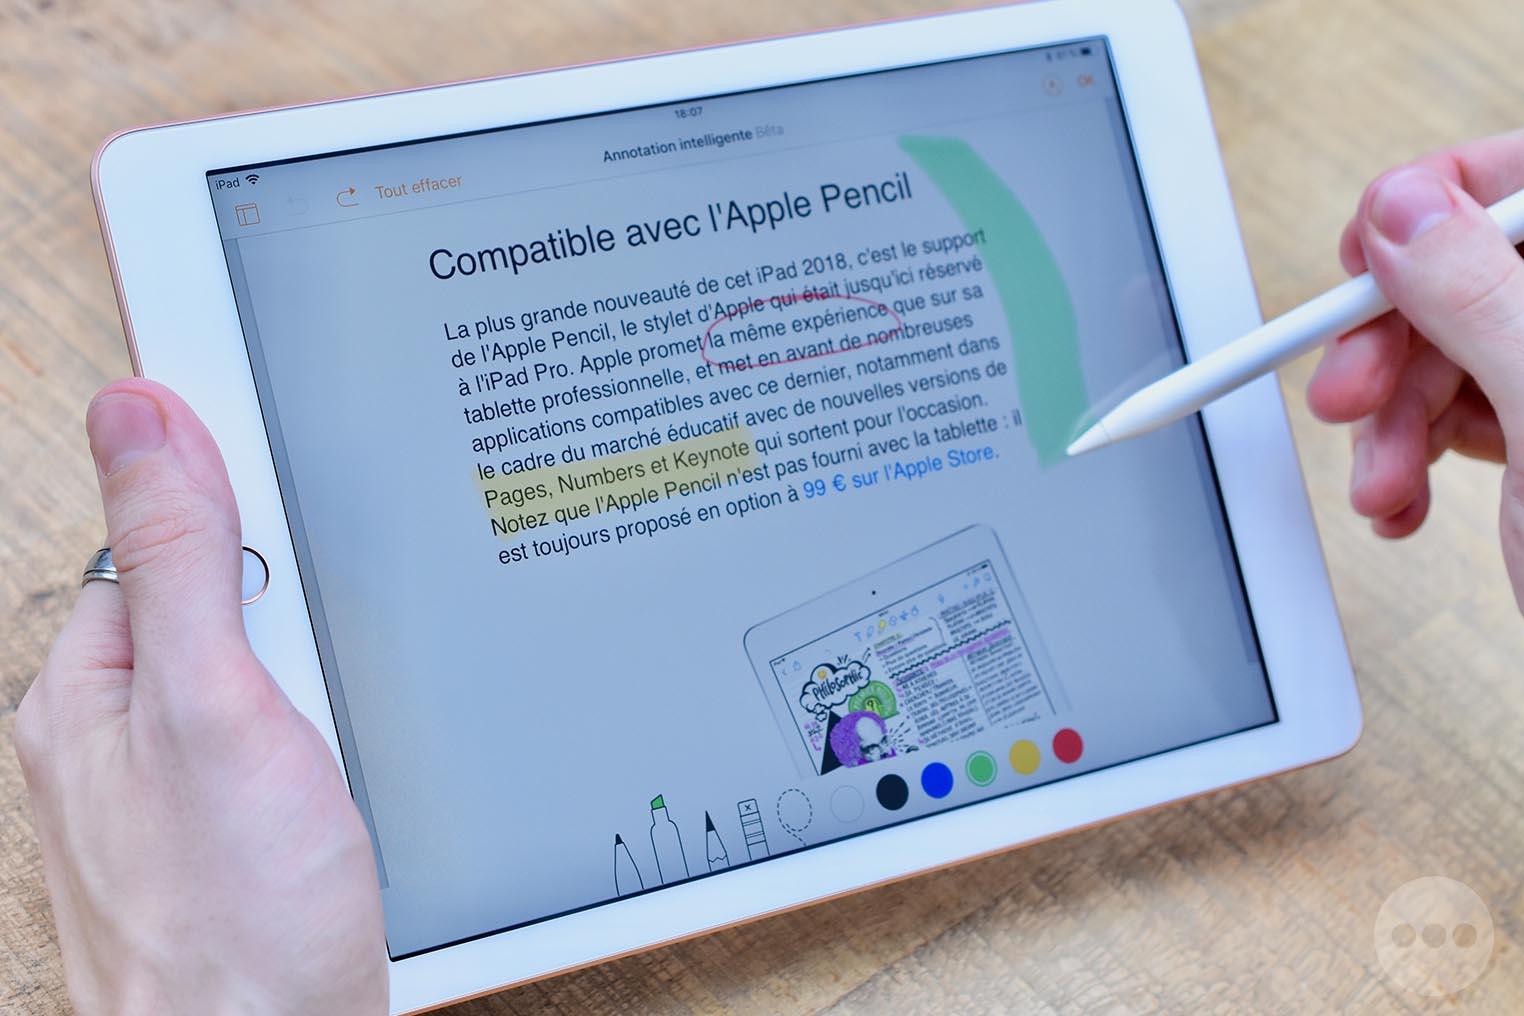 Test iPad 2018 Apple Pencil